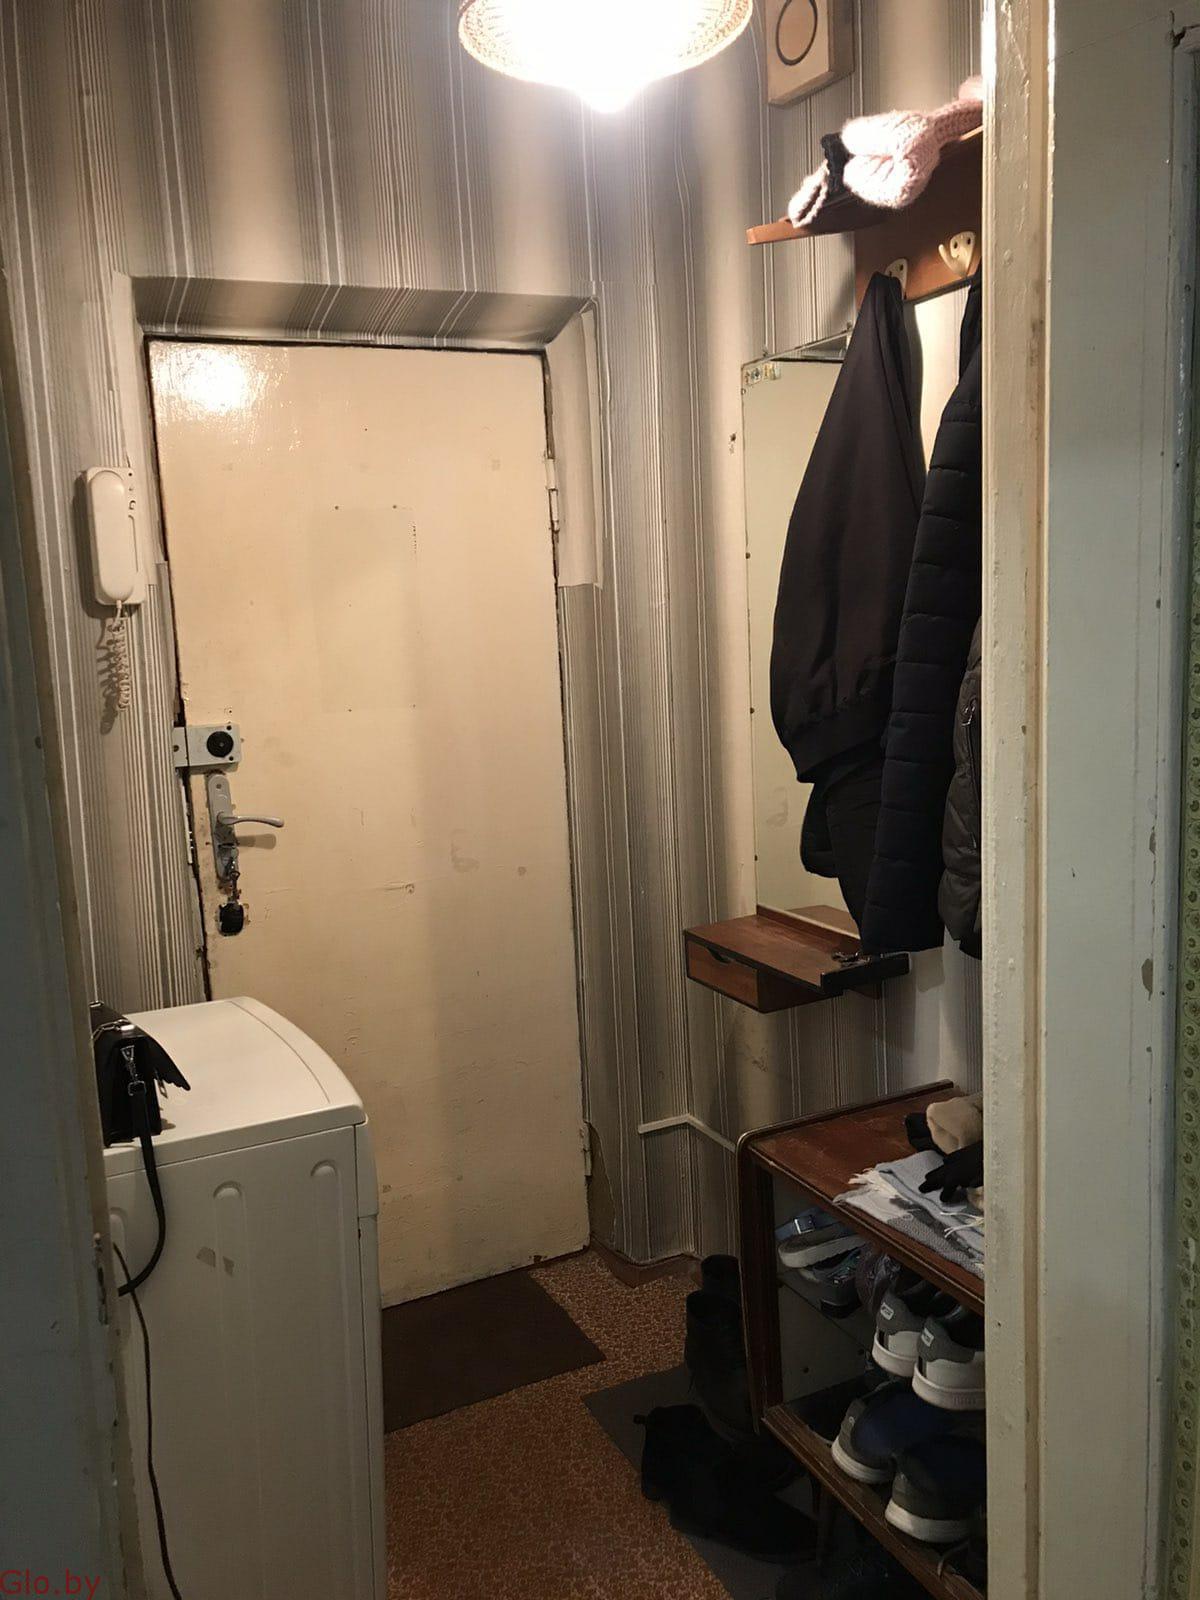 Продам 1-комнатную квартиру в Минске,пр. Партизанский 74